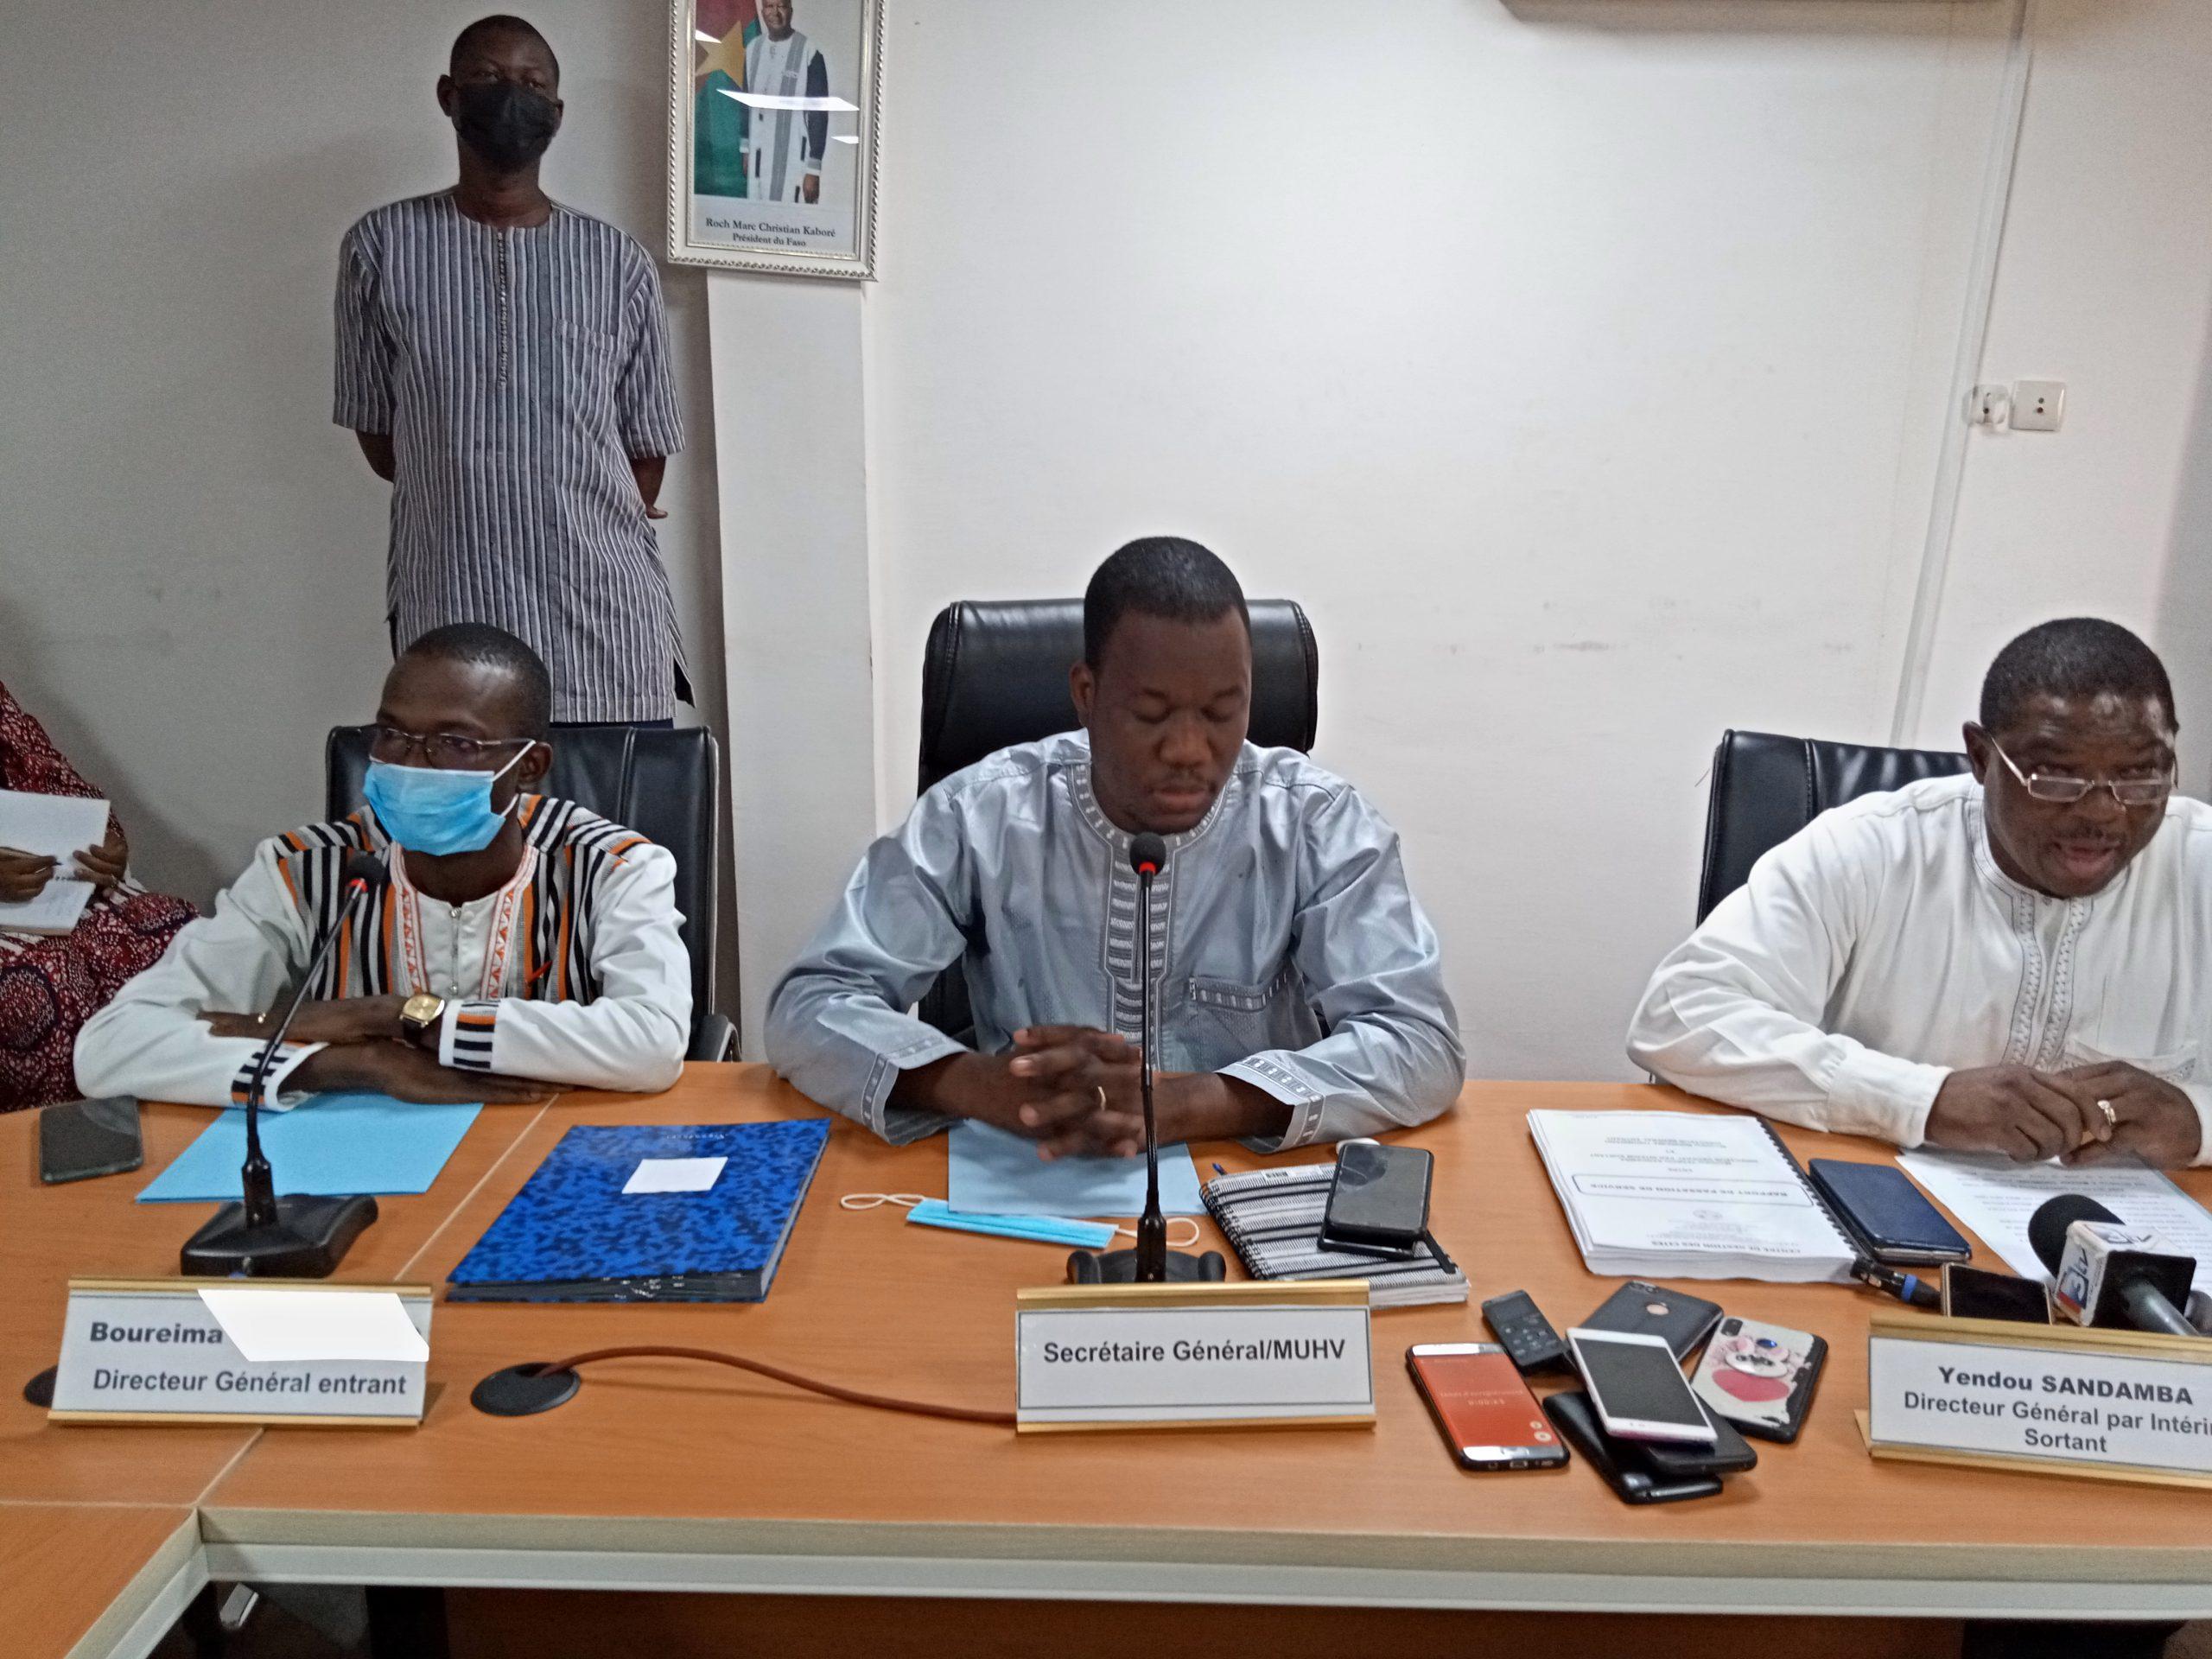 Centre de gestion des cités : Boureima Thiombiano installé dans ses fonctions de Directeur général